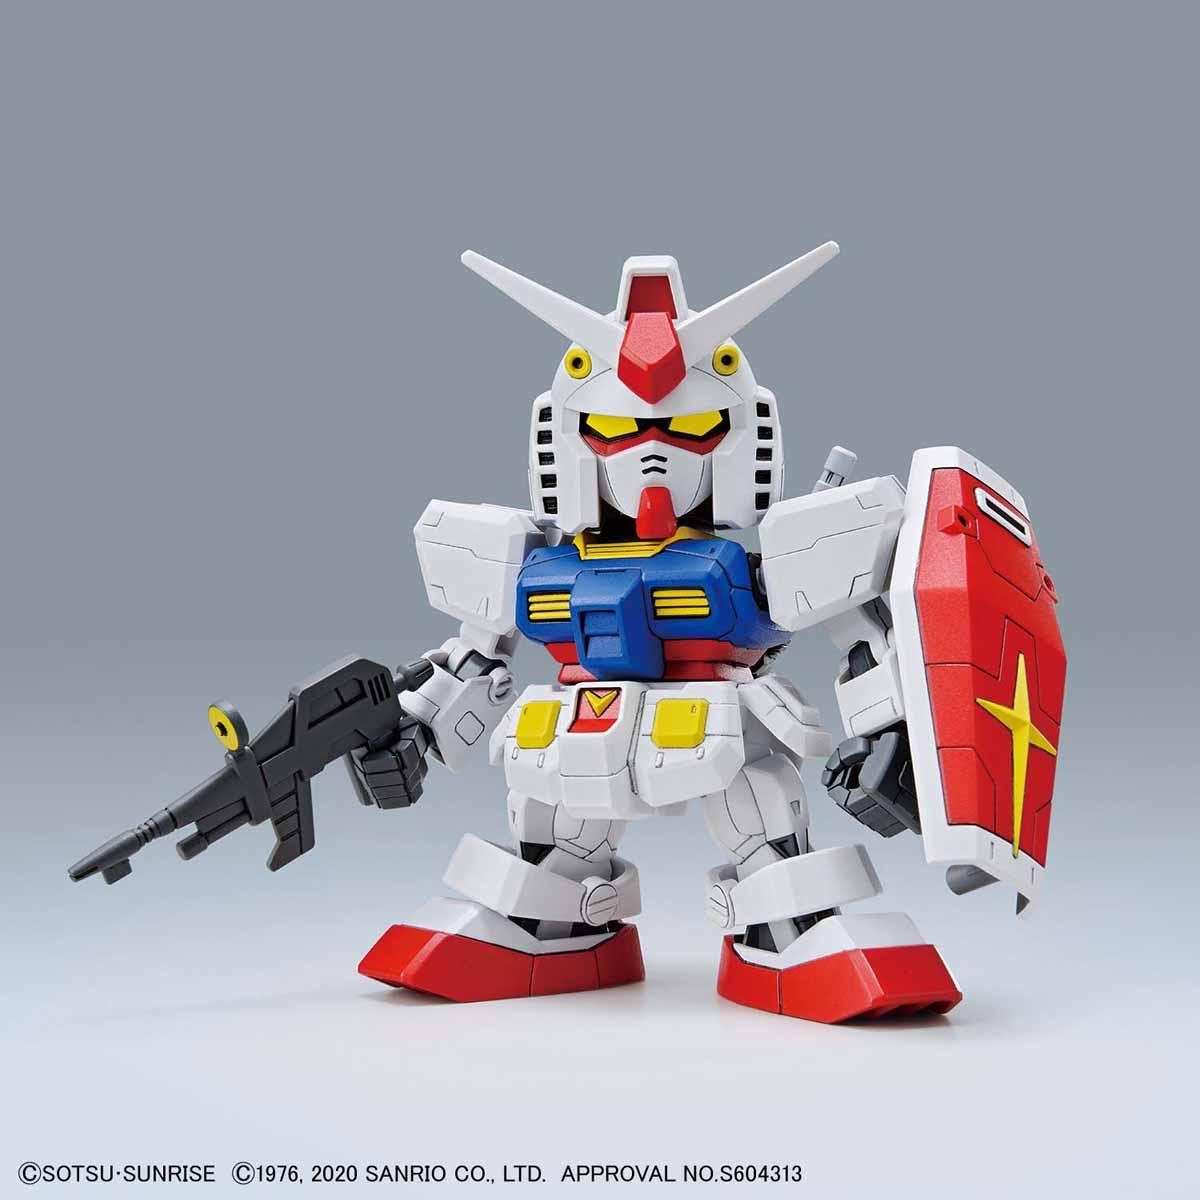 【再販】SDエクスタンダード『ハローキティ / RX-78-2 ガンダム[SD EX-STANDARD]』プラモデル-005